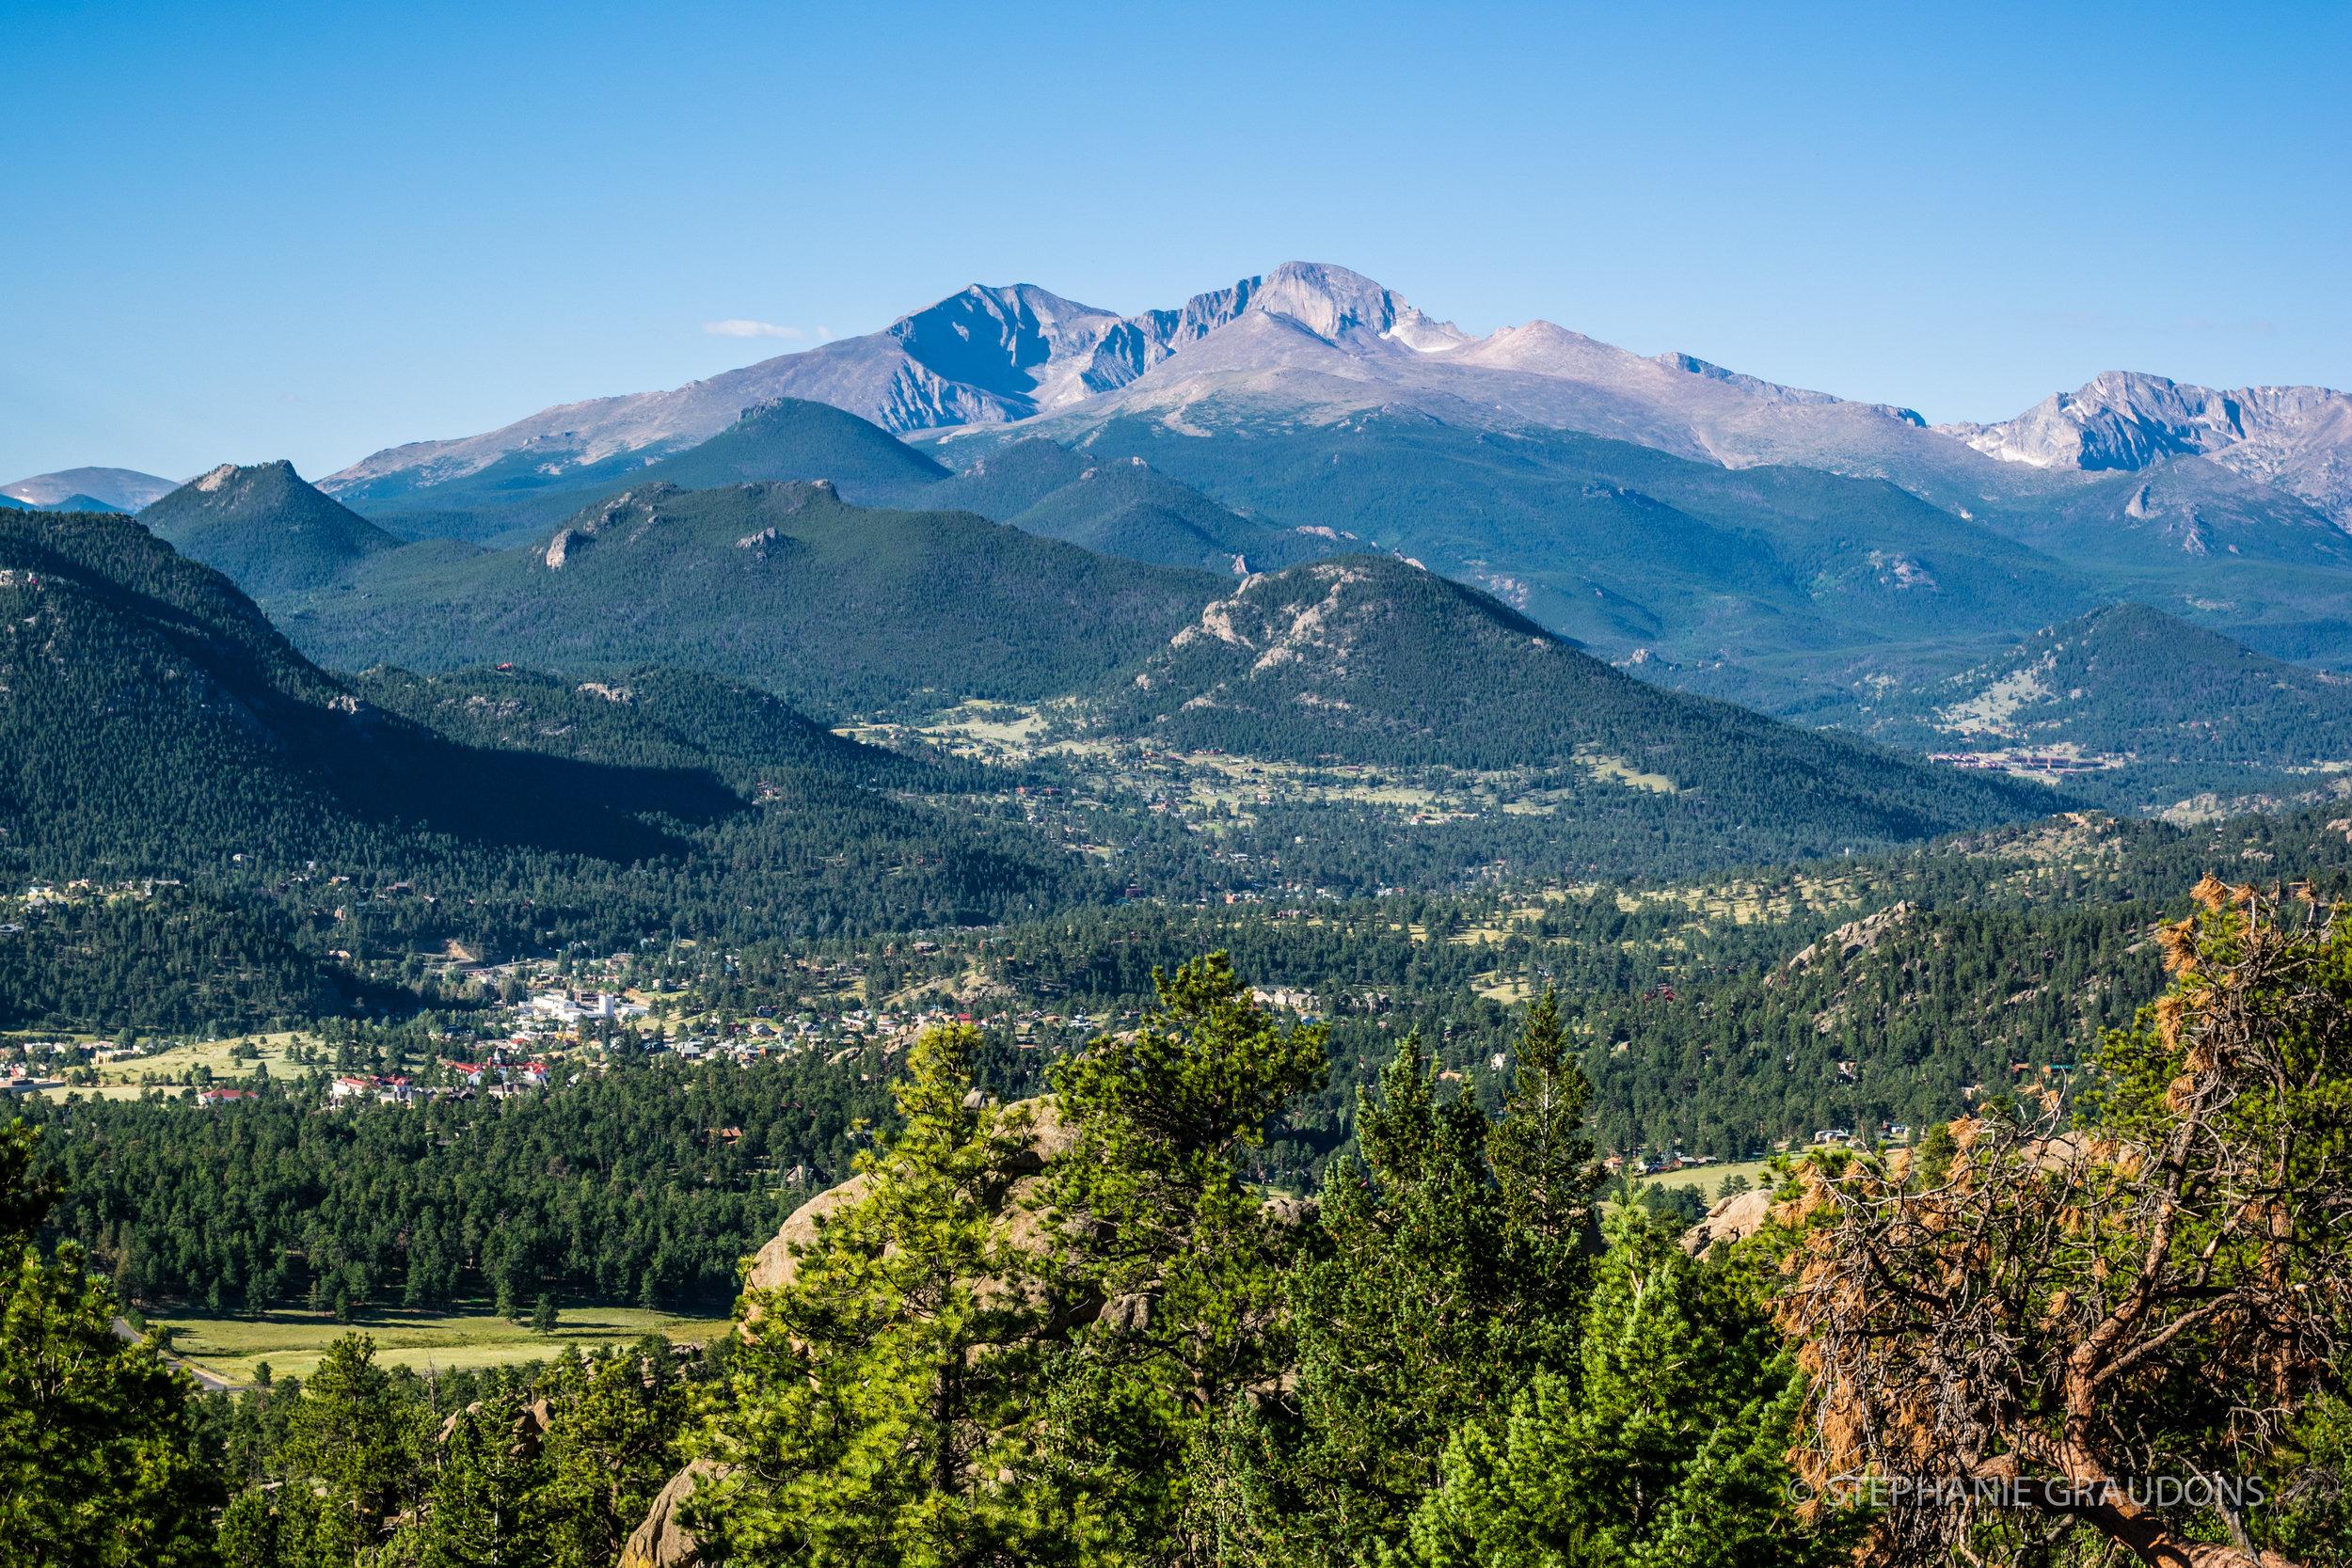 Longs Peak & Meeker